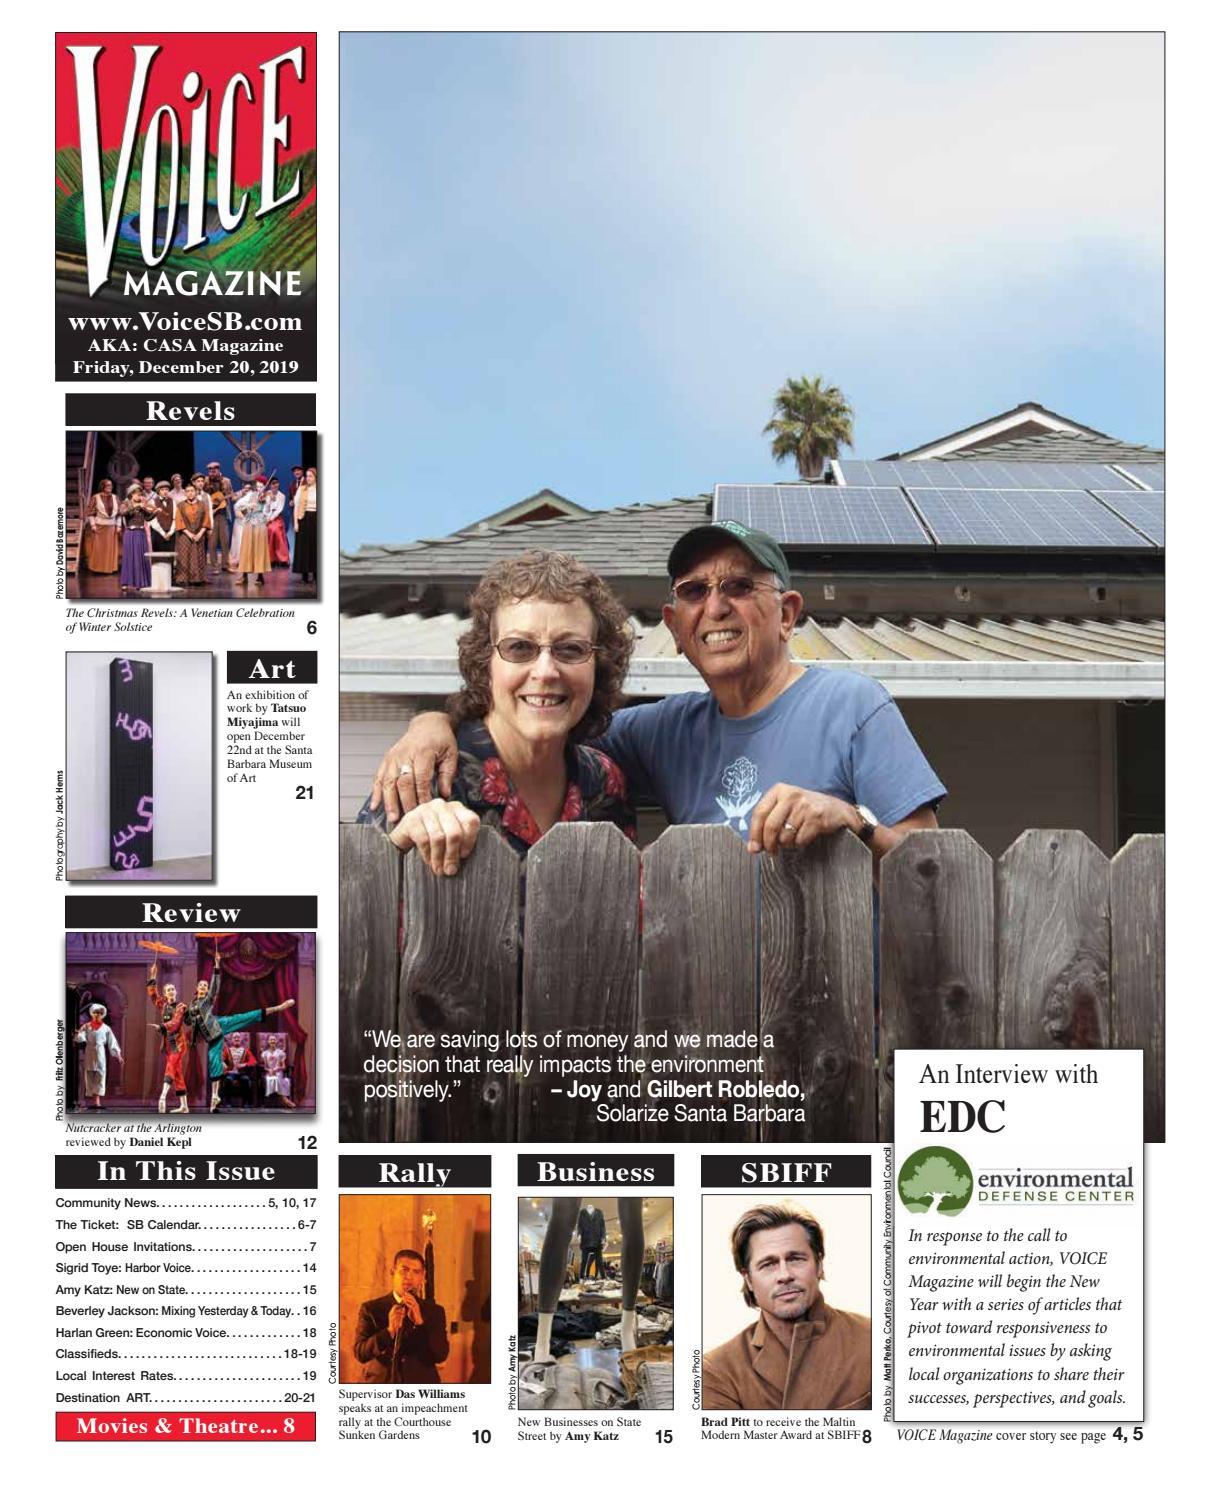 Voice Magazine December 20 2019 By Voice Magazine Casa